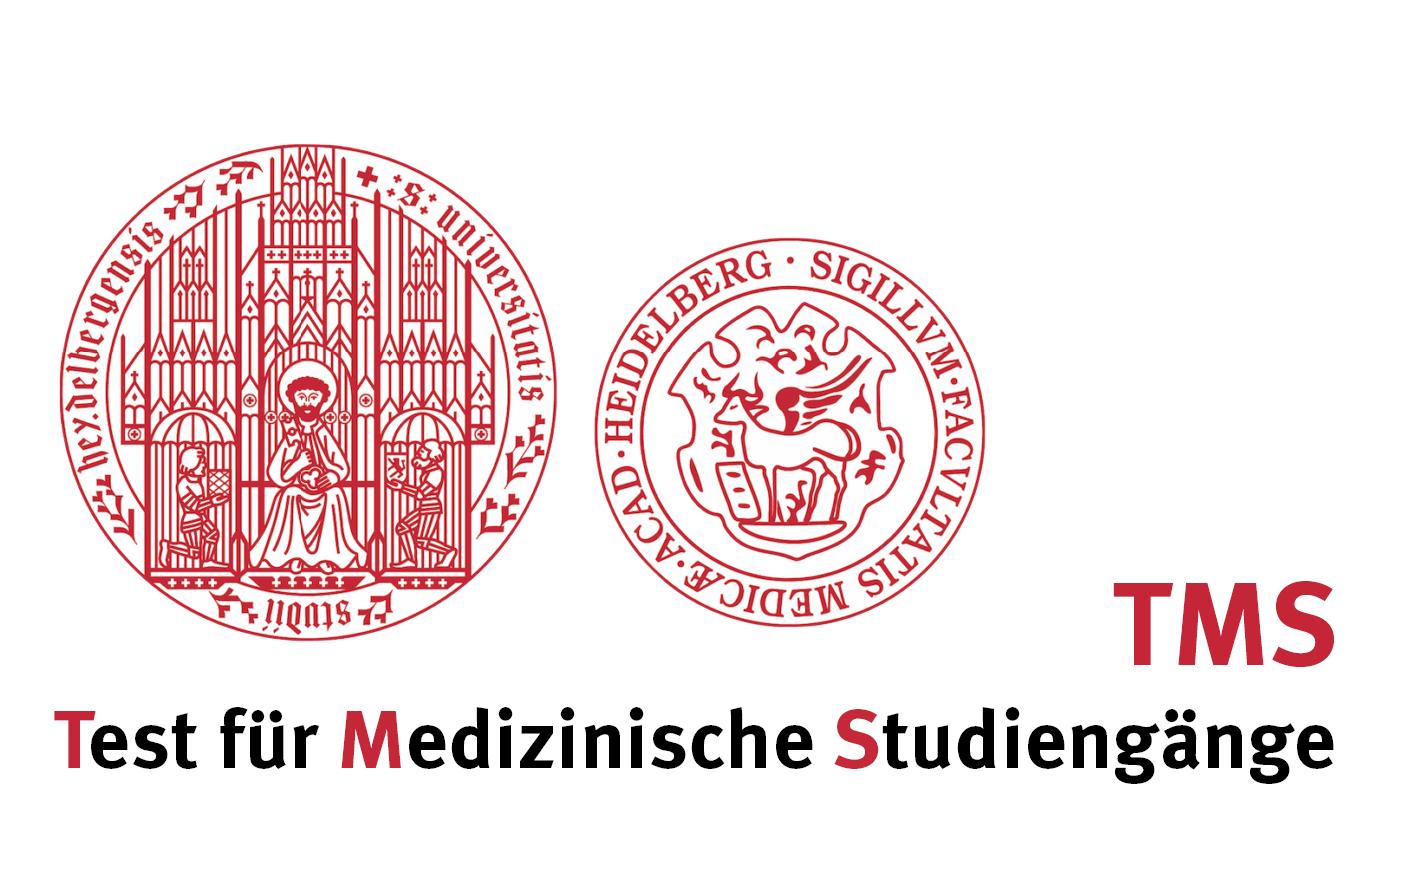 UMCH | TMS (Test für Medizinische Studiengänge)